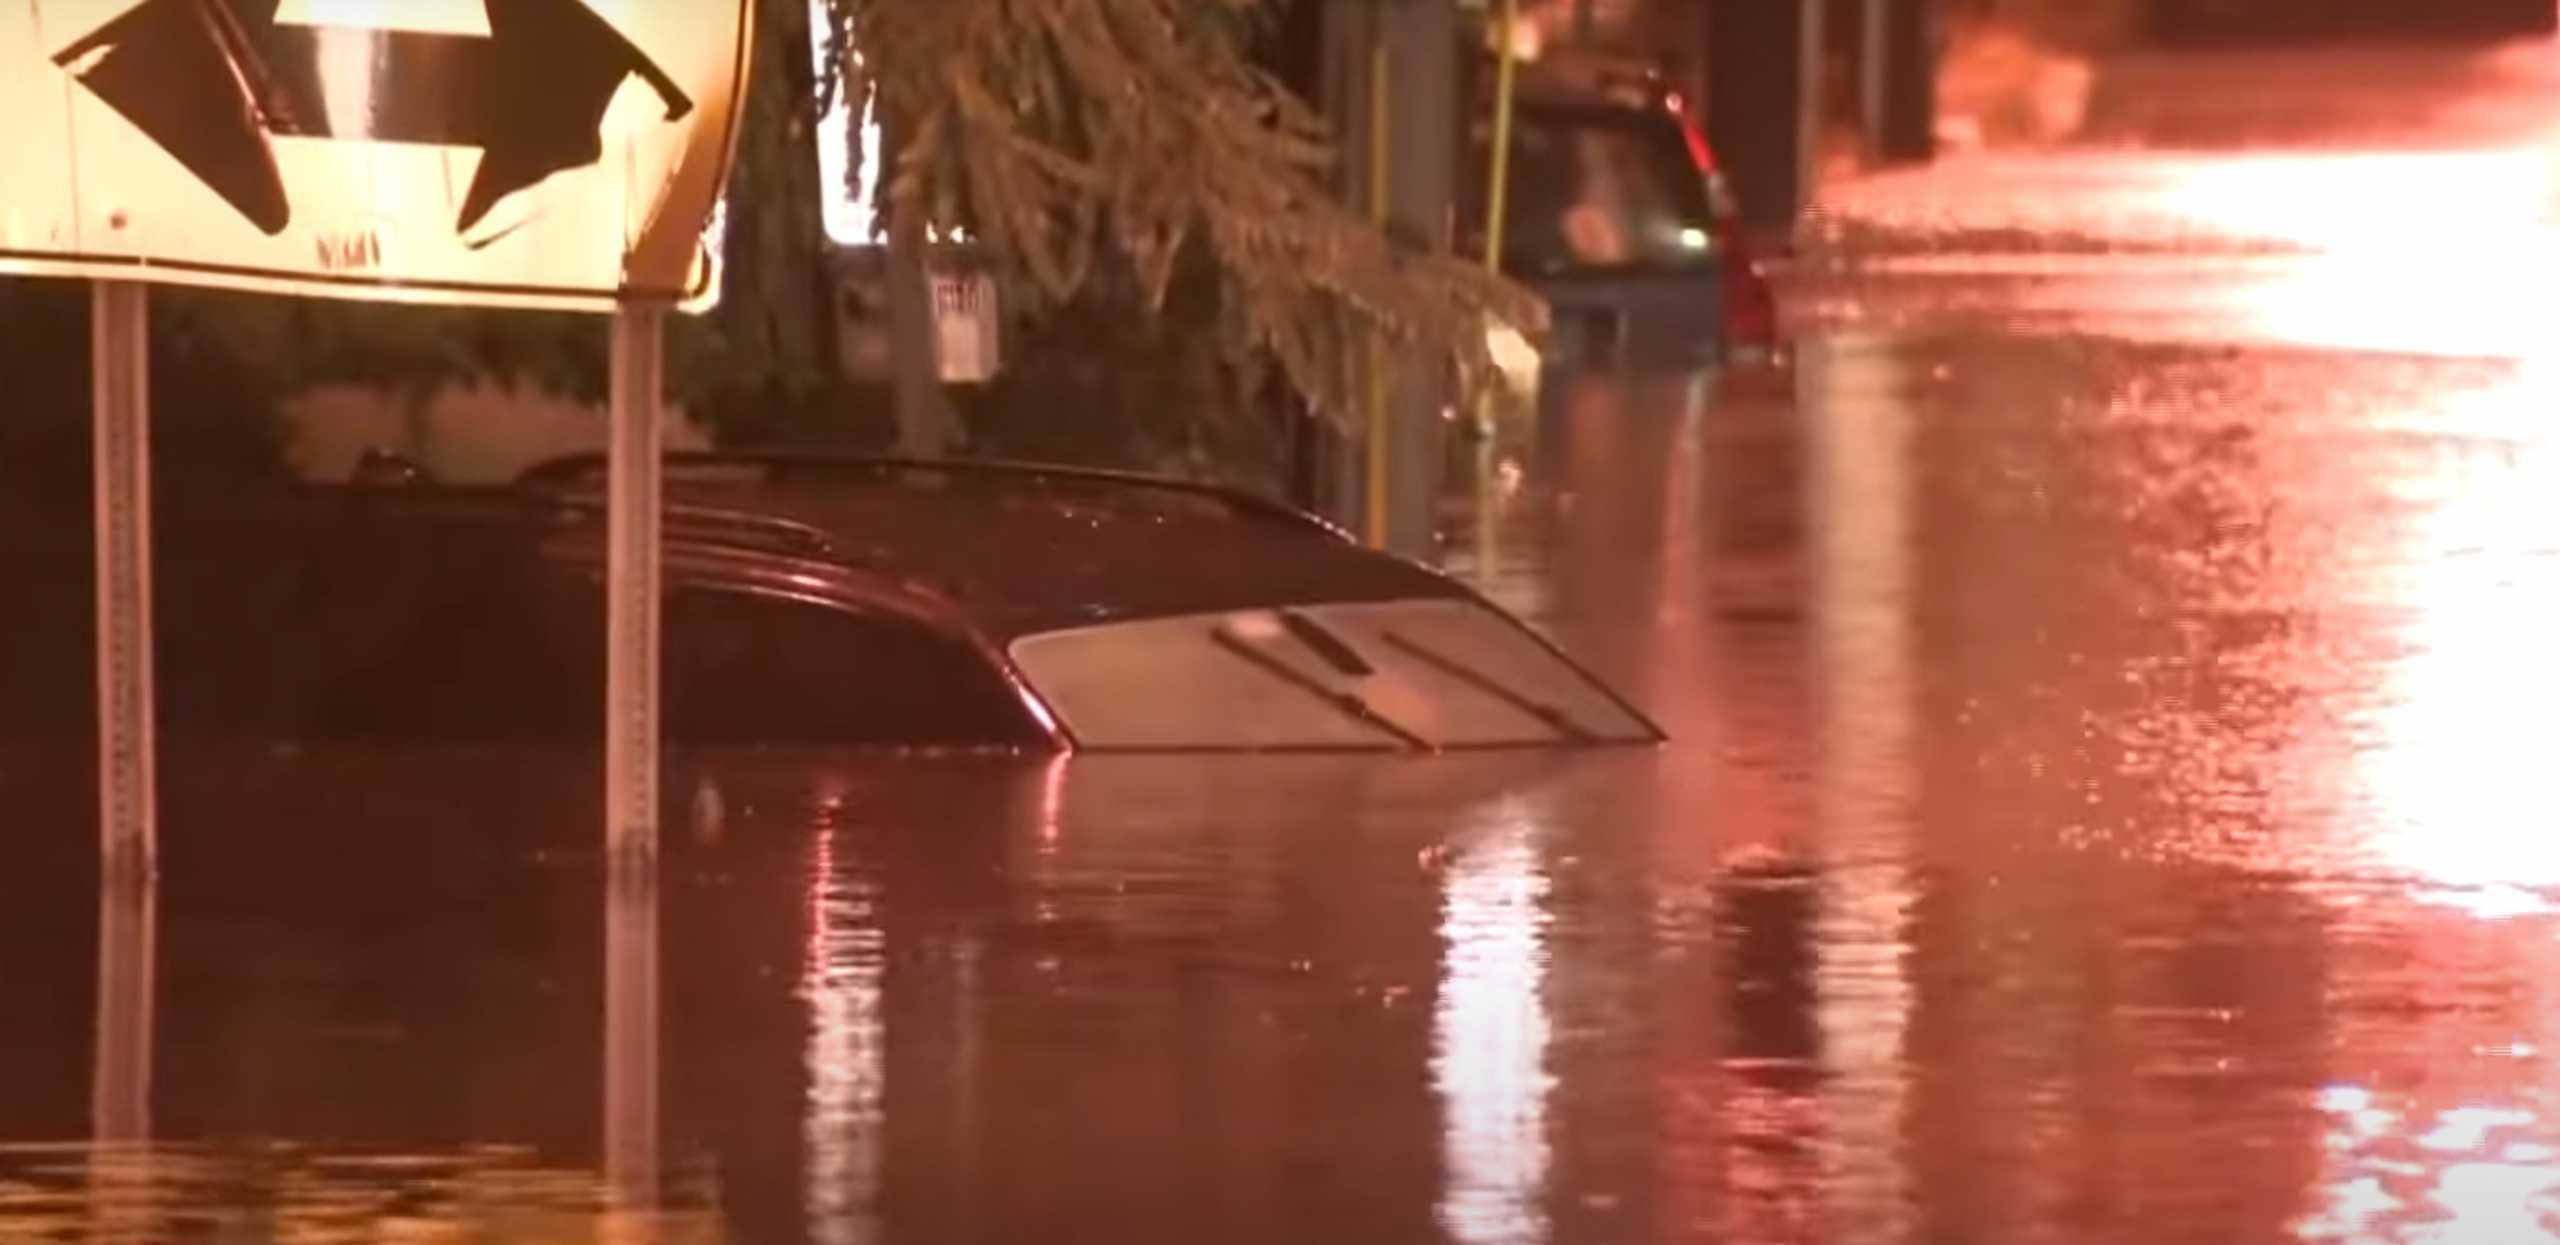 Σε κατάσταση έκτακτης ανάγκης η Λουιζιάνα εξαιτίας του τυφώνα Νίκολας